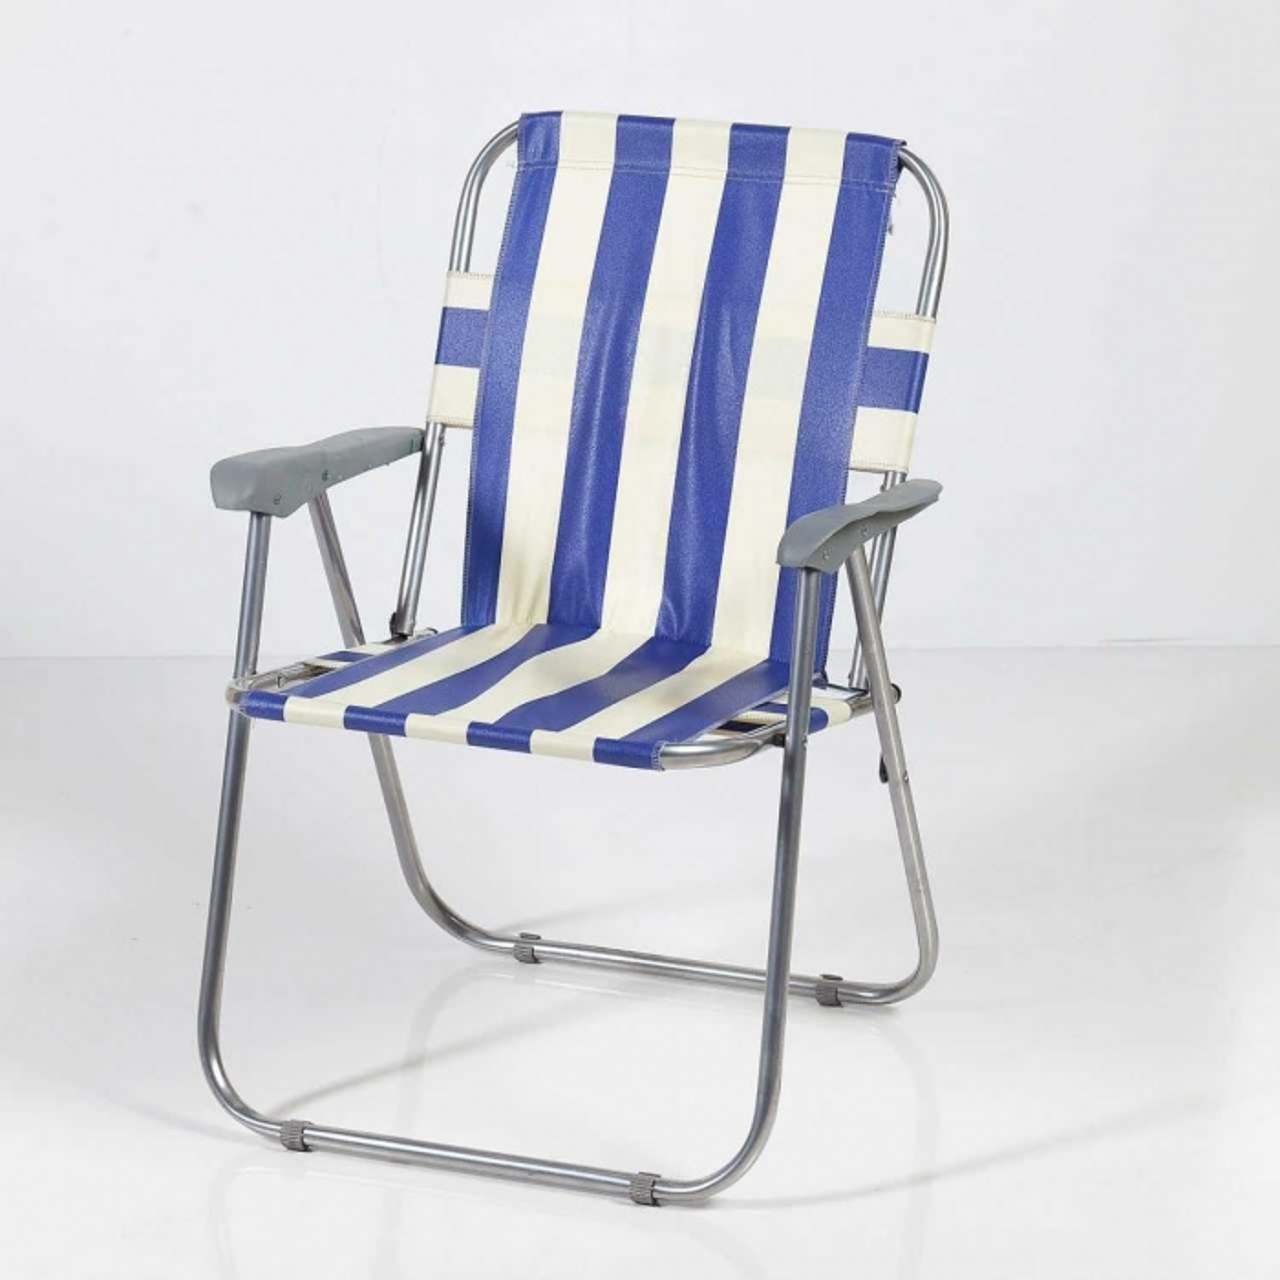 Katlanabilir Piknik/Kamp Sandalyesi-Mavi